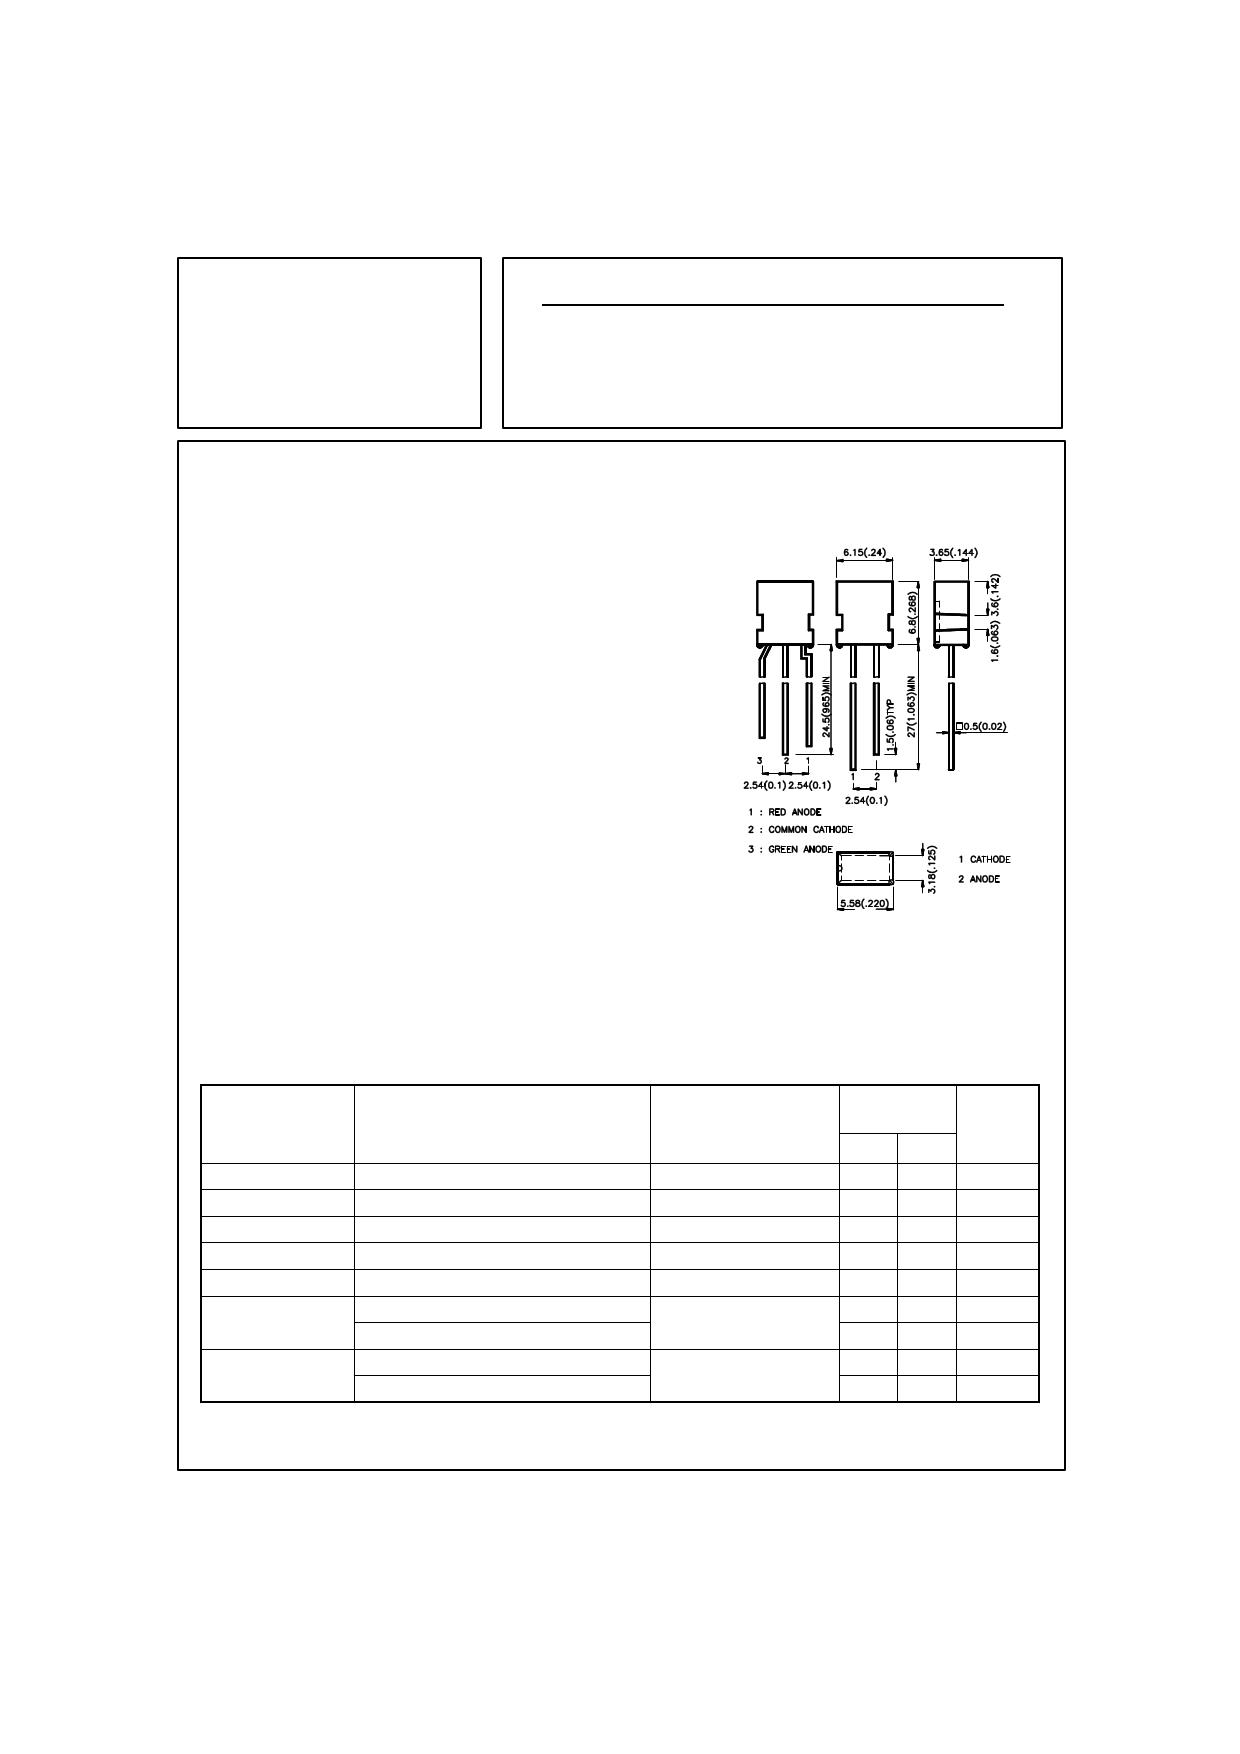 L-1043 datasheet